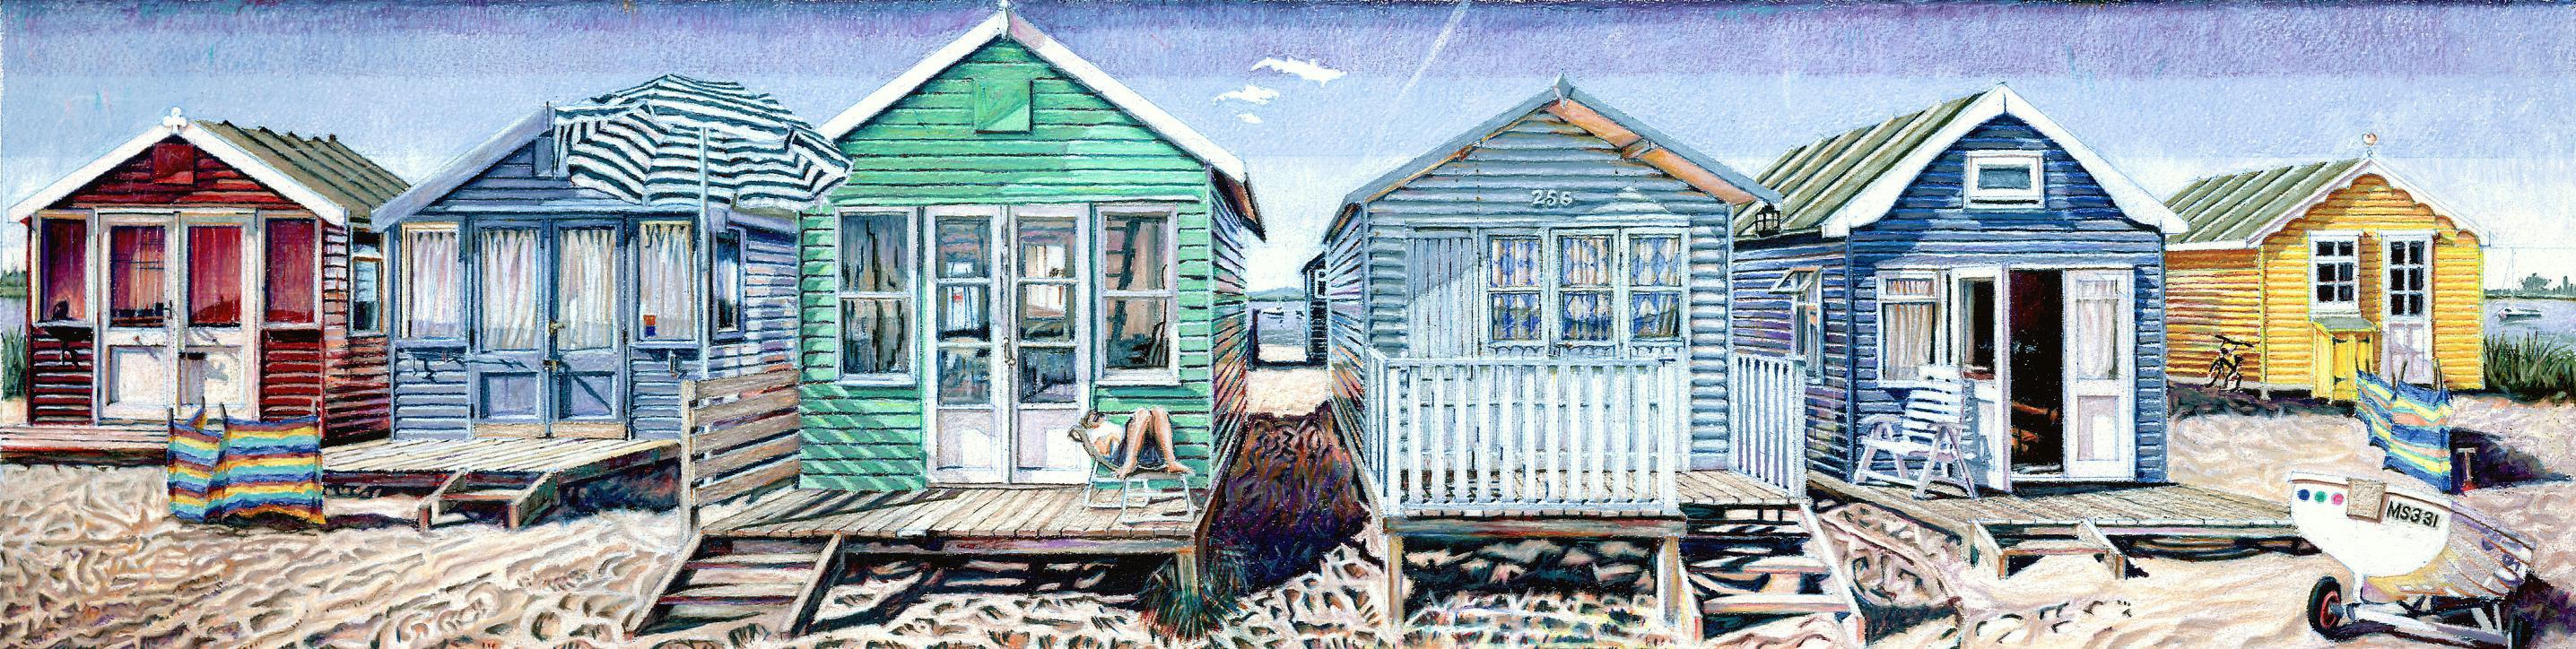 BeachHuts by Alastair Howie